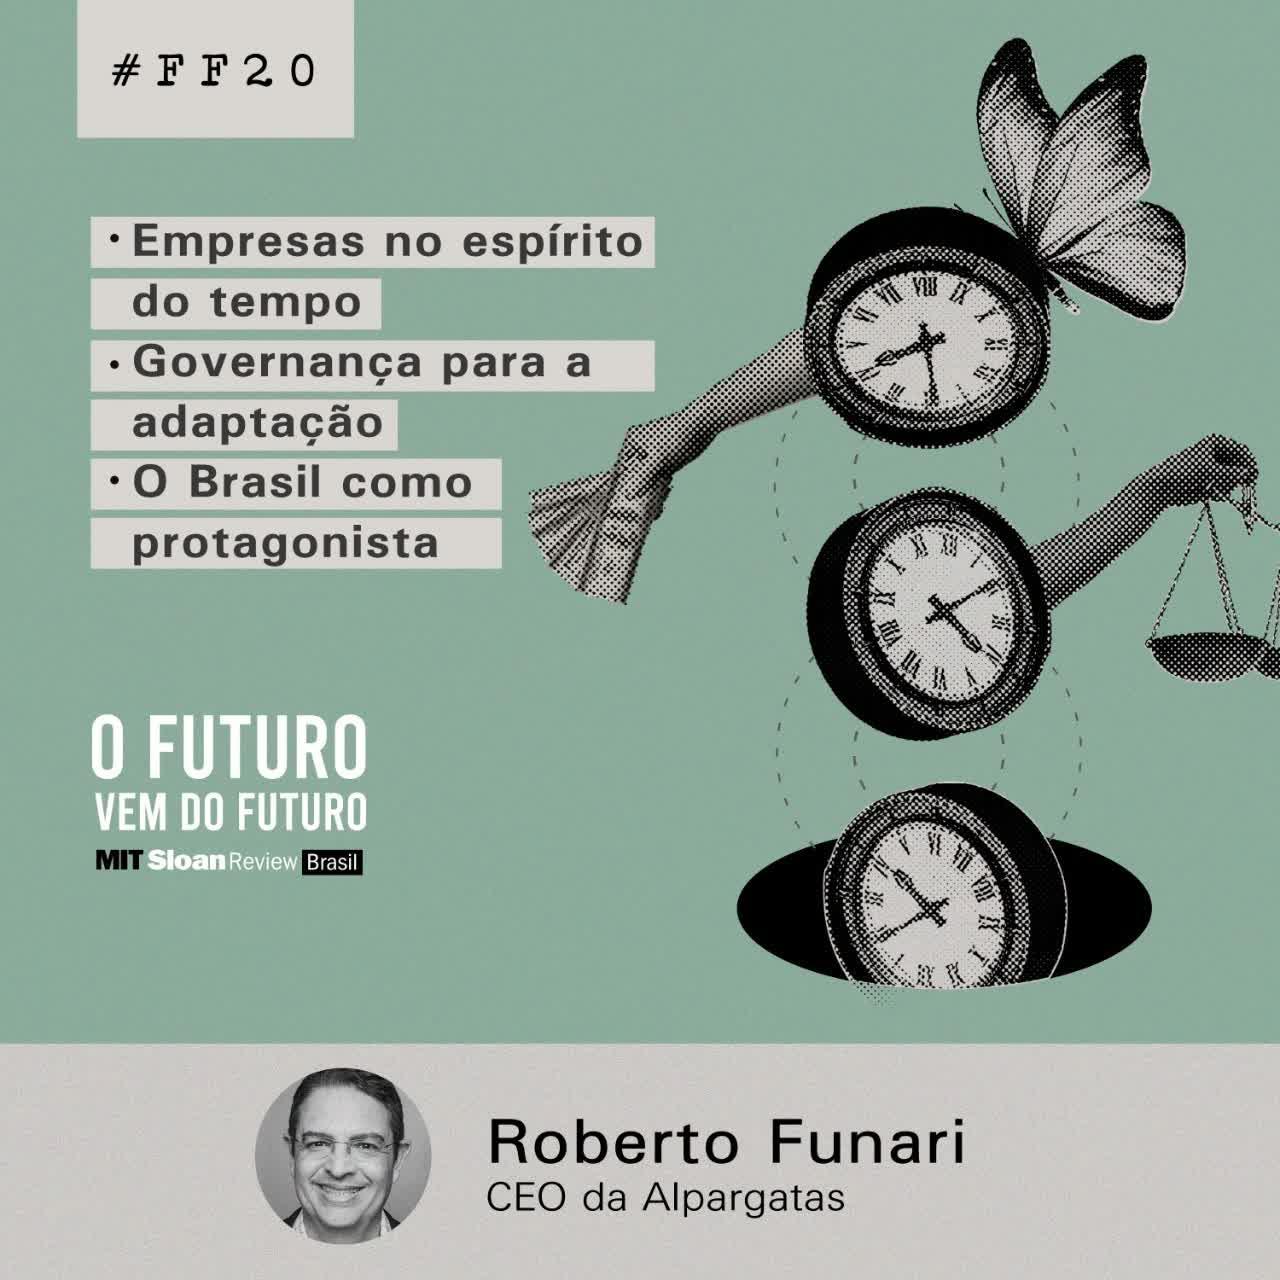 #FFS01E20 - Roberto Funari: Empresas no espírito do tempo, governança para adaptação, Brasil como protagonista no mundo dos negócios